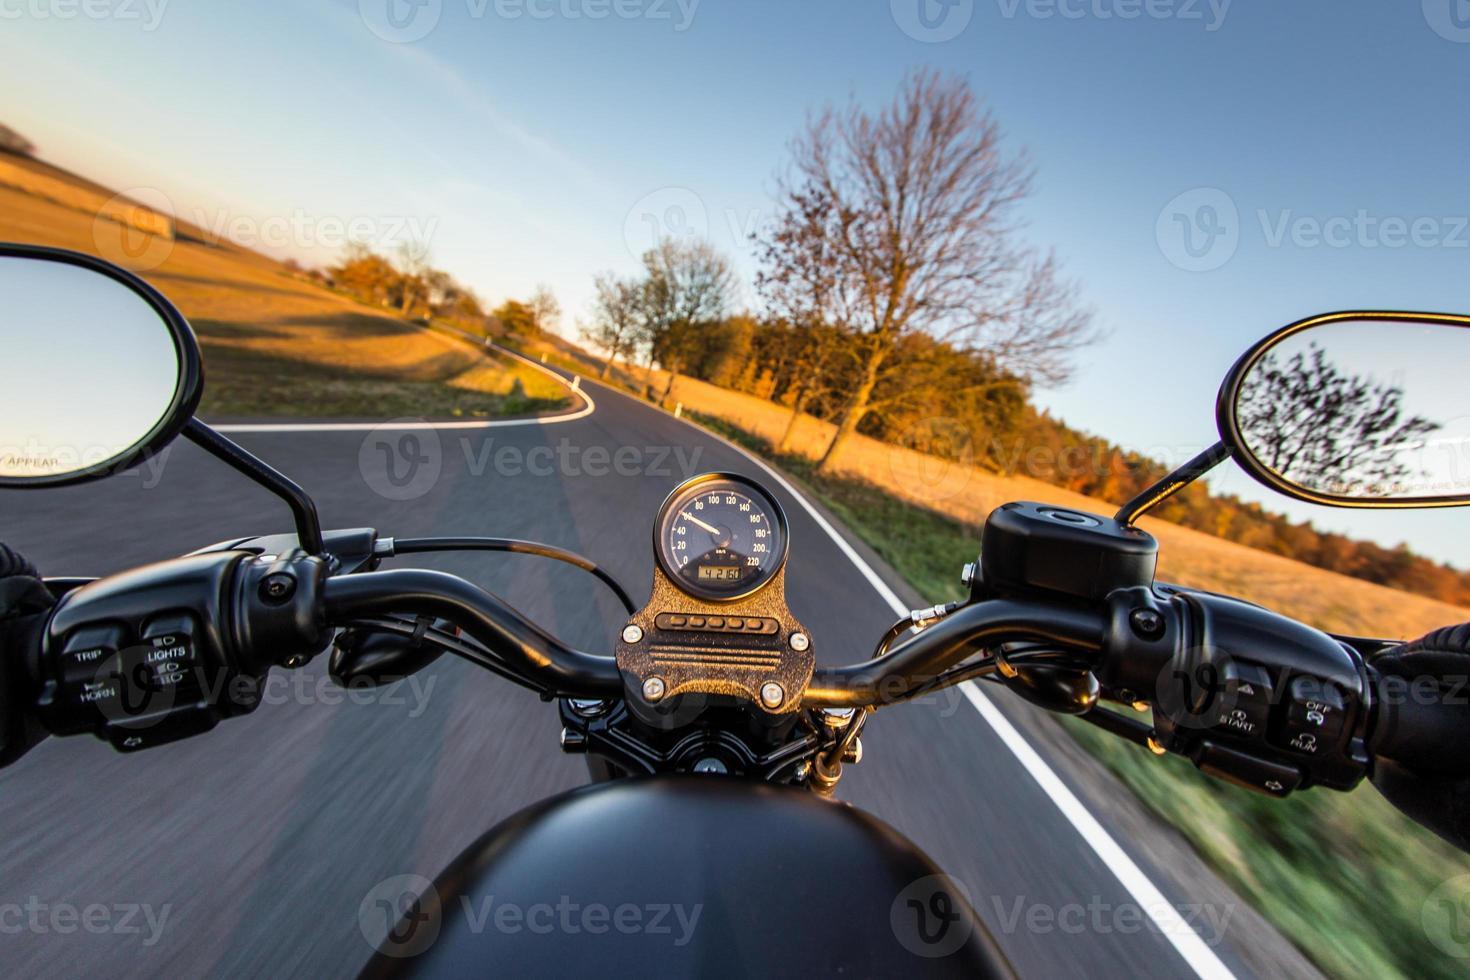 la vista sul manubrio della moto foto